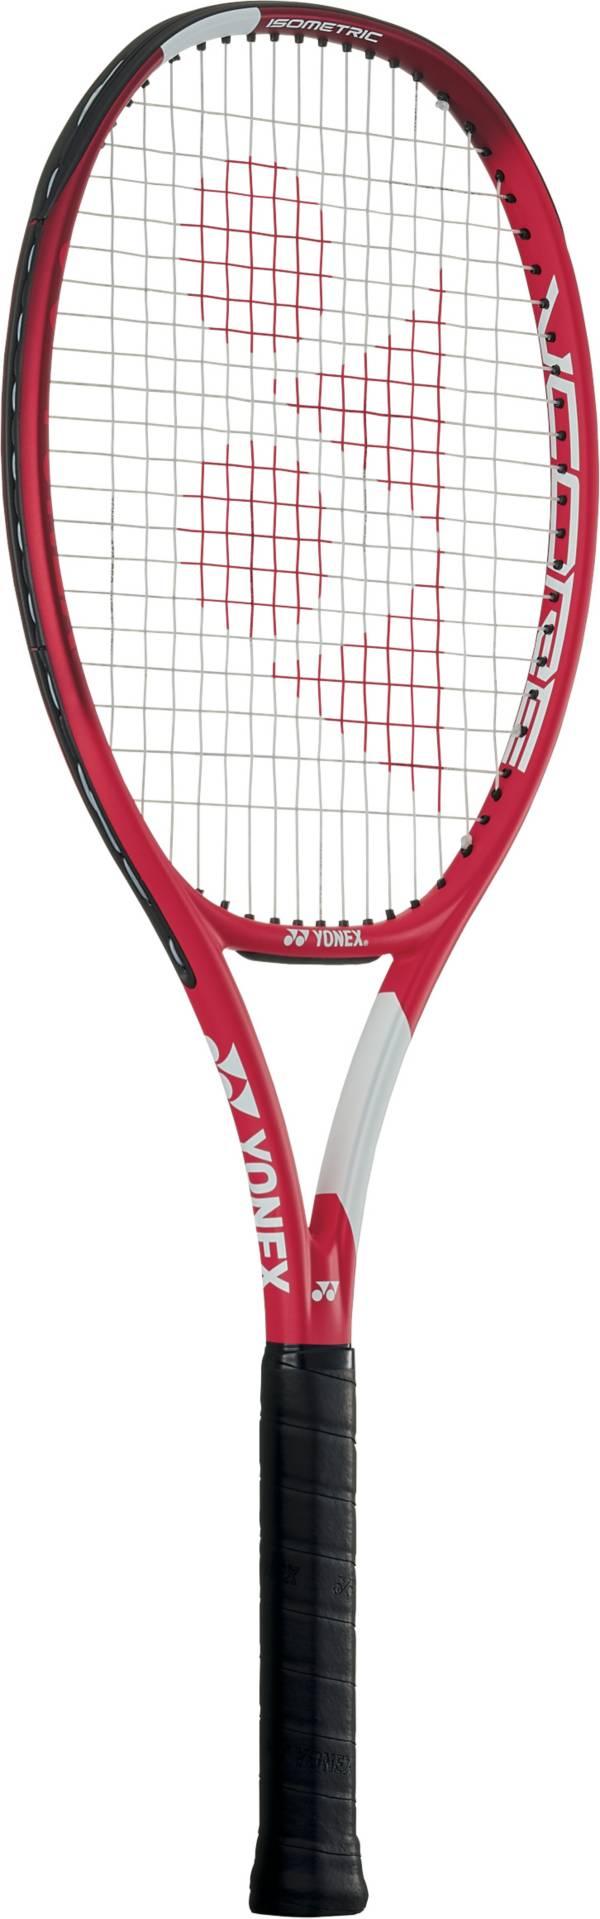 Yonex VCore Ace Tennis Racquet product image